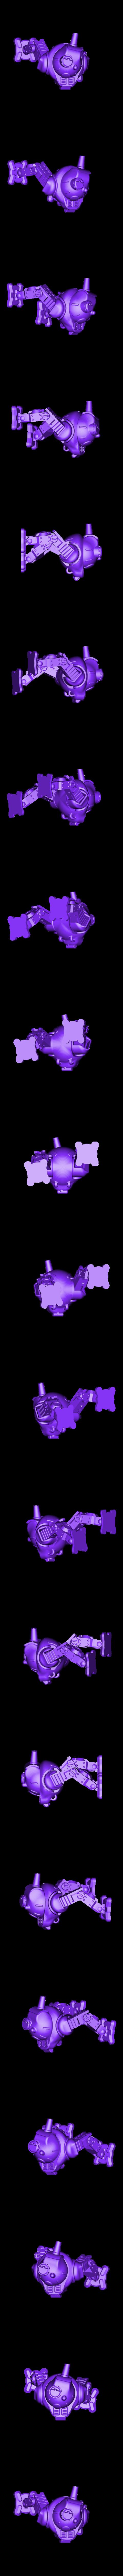 assembled.STL Télécharger fichier STL gratuit Gorbo Tankoped • Objet à imprimer en 3D, Steyrc